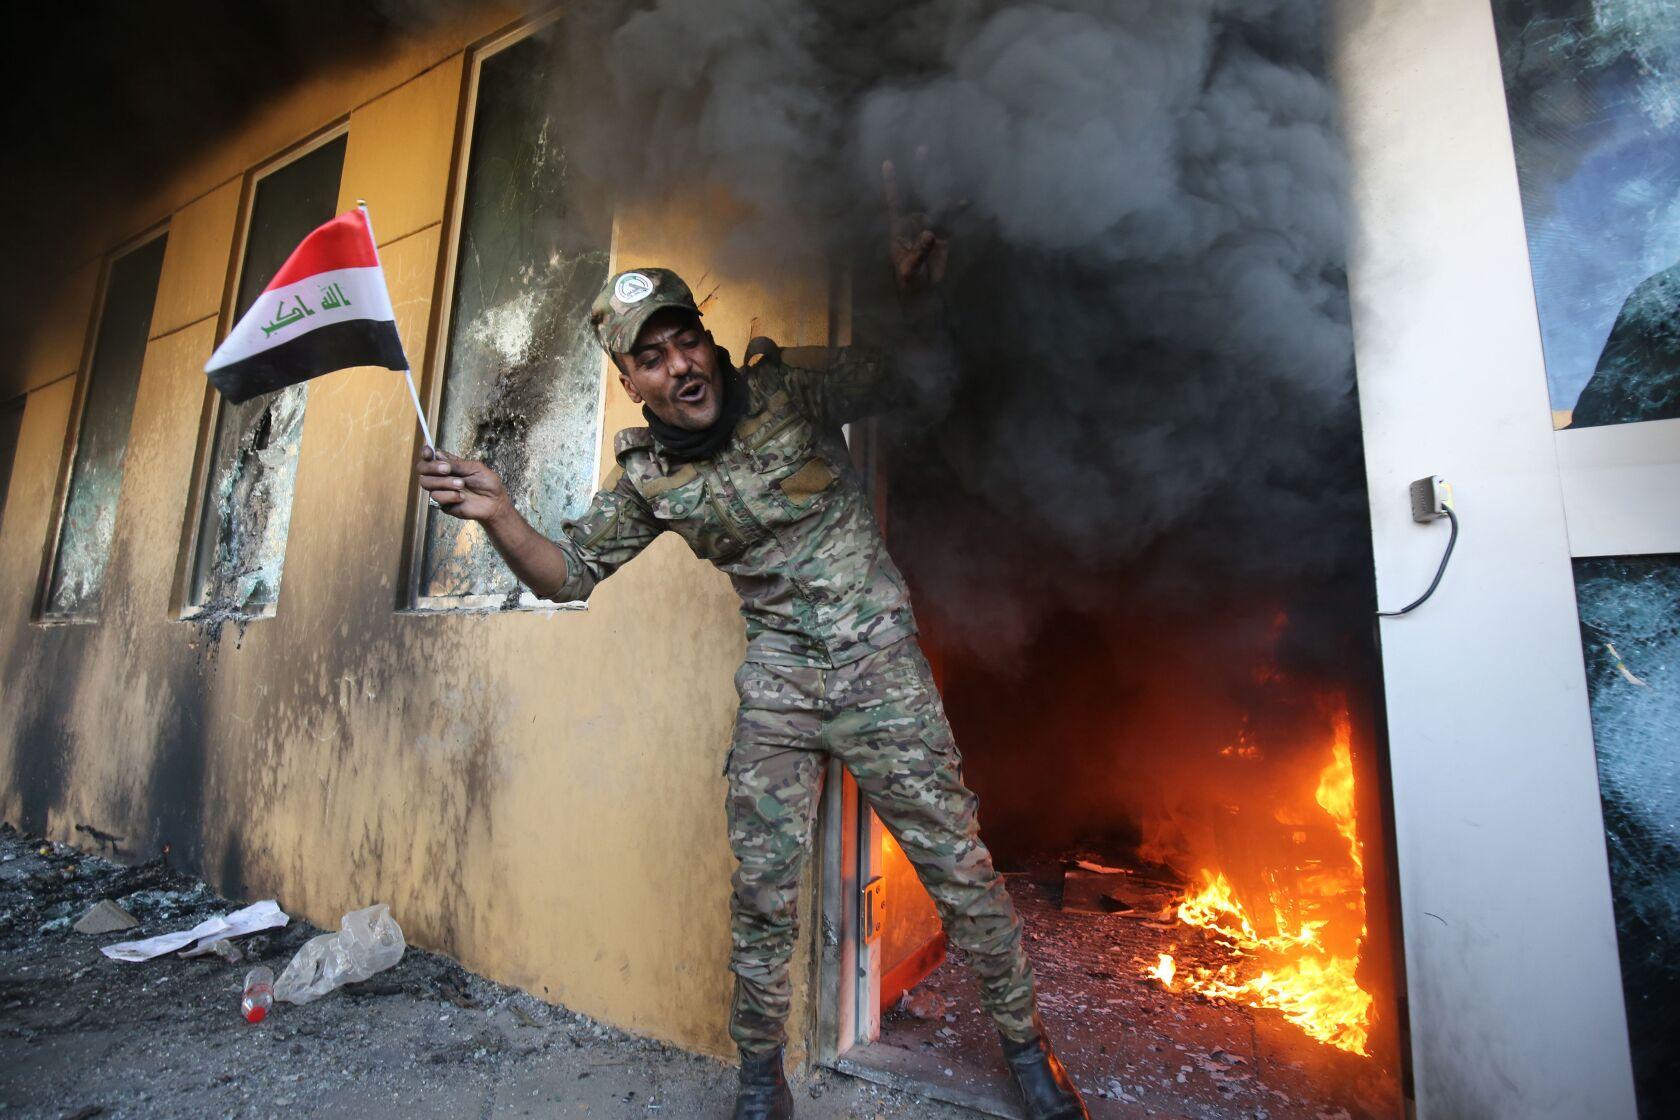 Un membro delle milizie sciite che hanno attaccato l'ambasciata americana a Baghdad. Credits to: AFP/Getty Images.